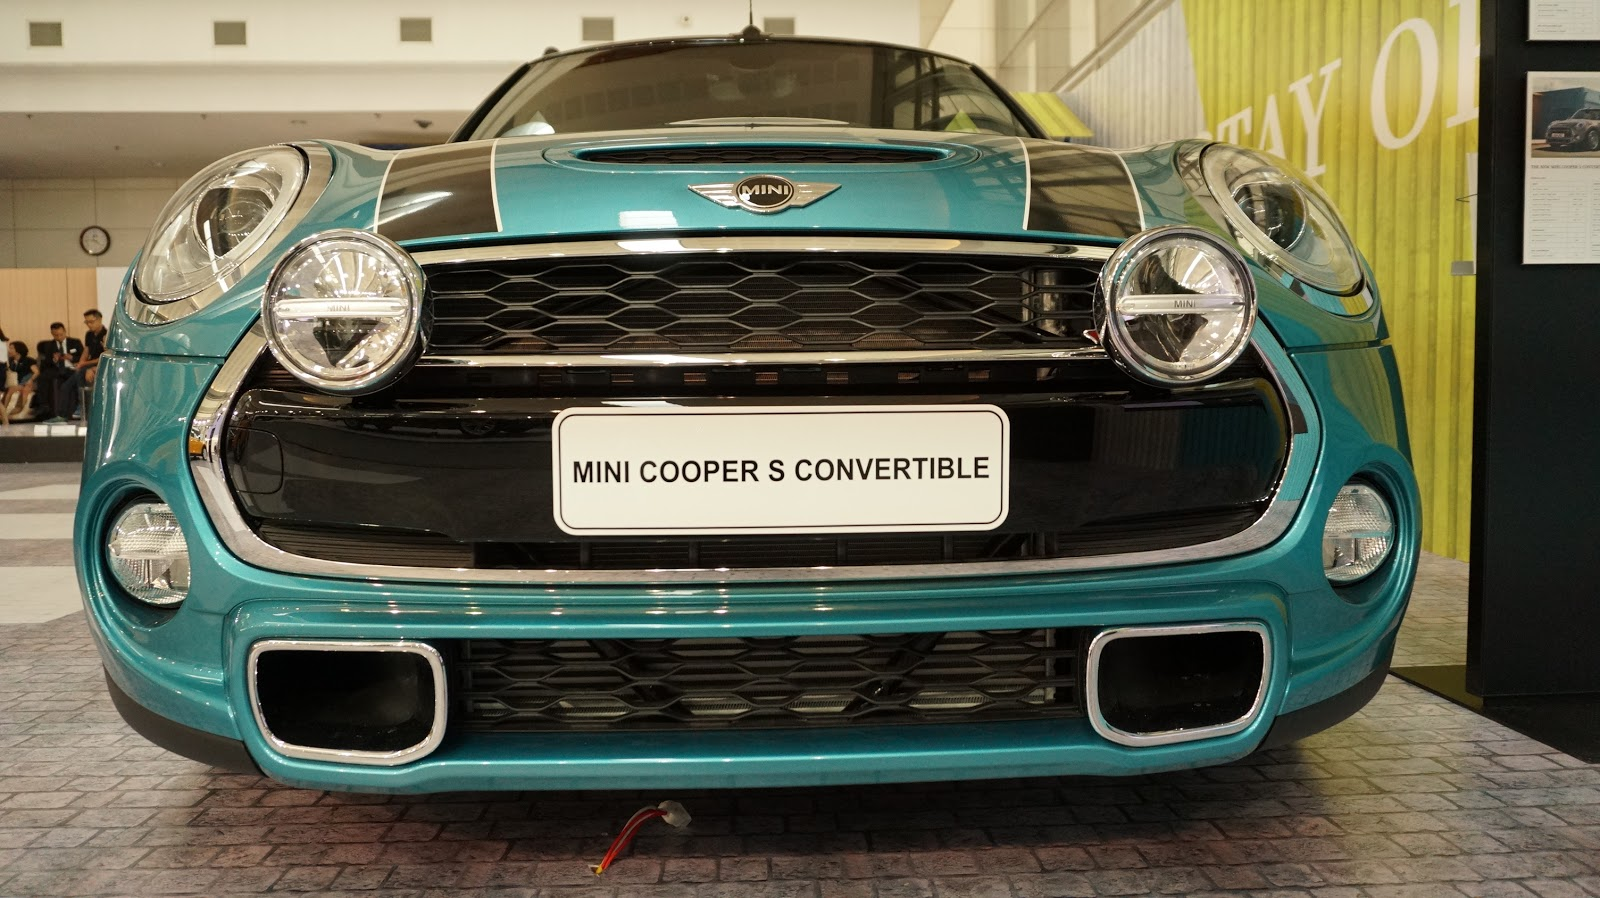 Mini cooper S Convertible